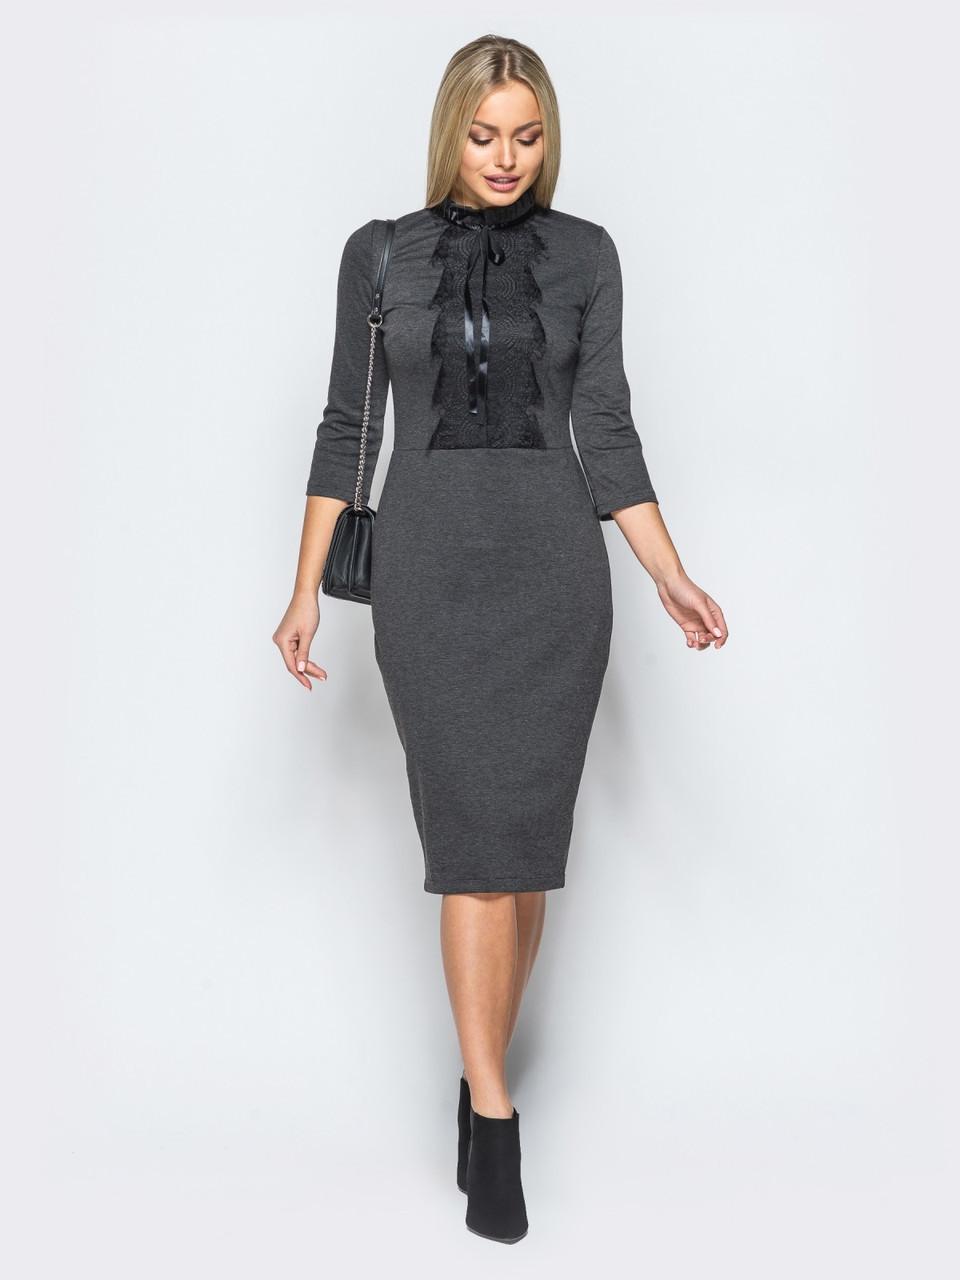 1c321f44fec 💎Серое трикотажное платье с кружевной вставкой (платье-футляр)   Размер 44-